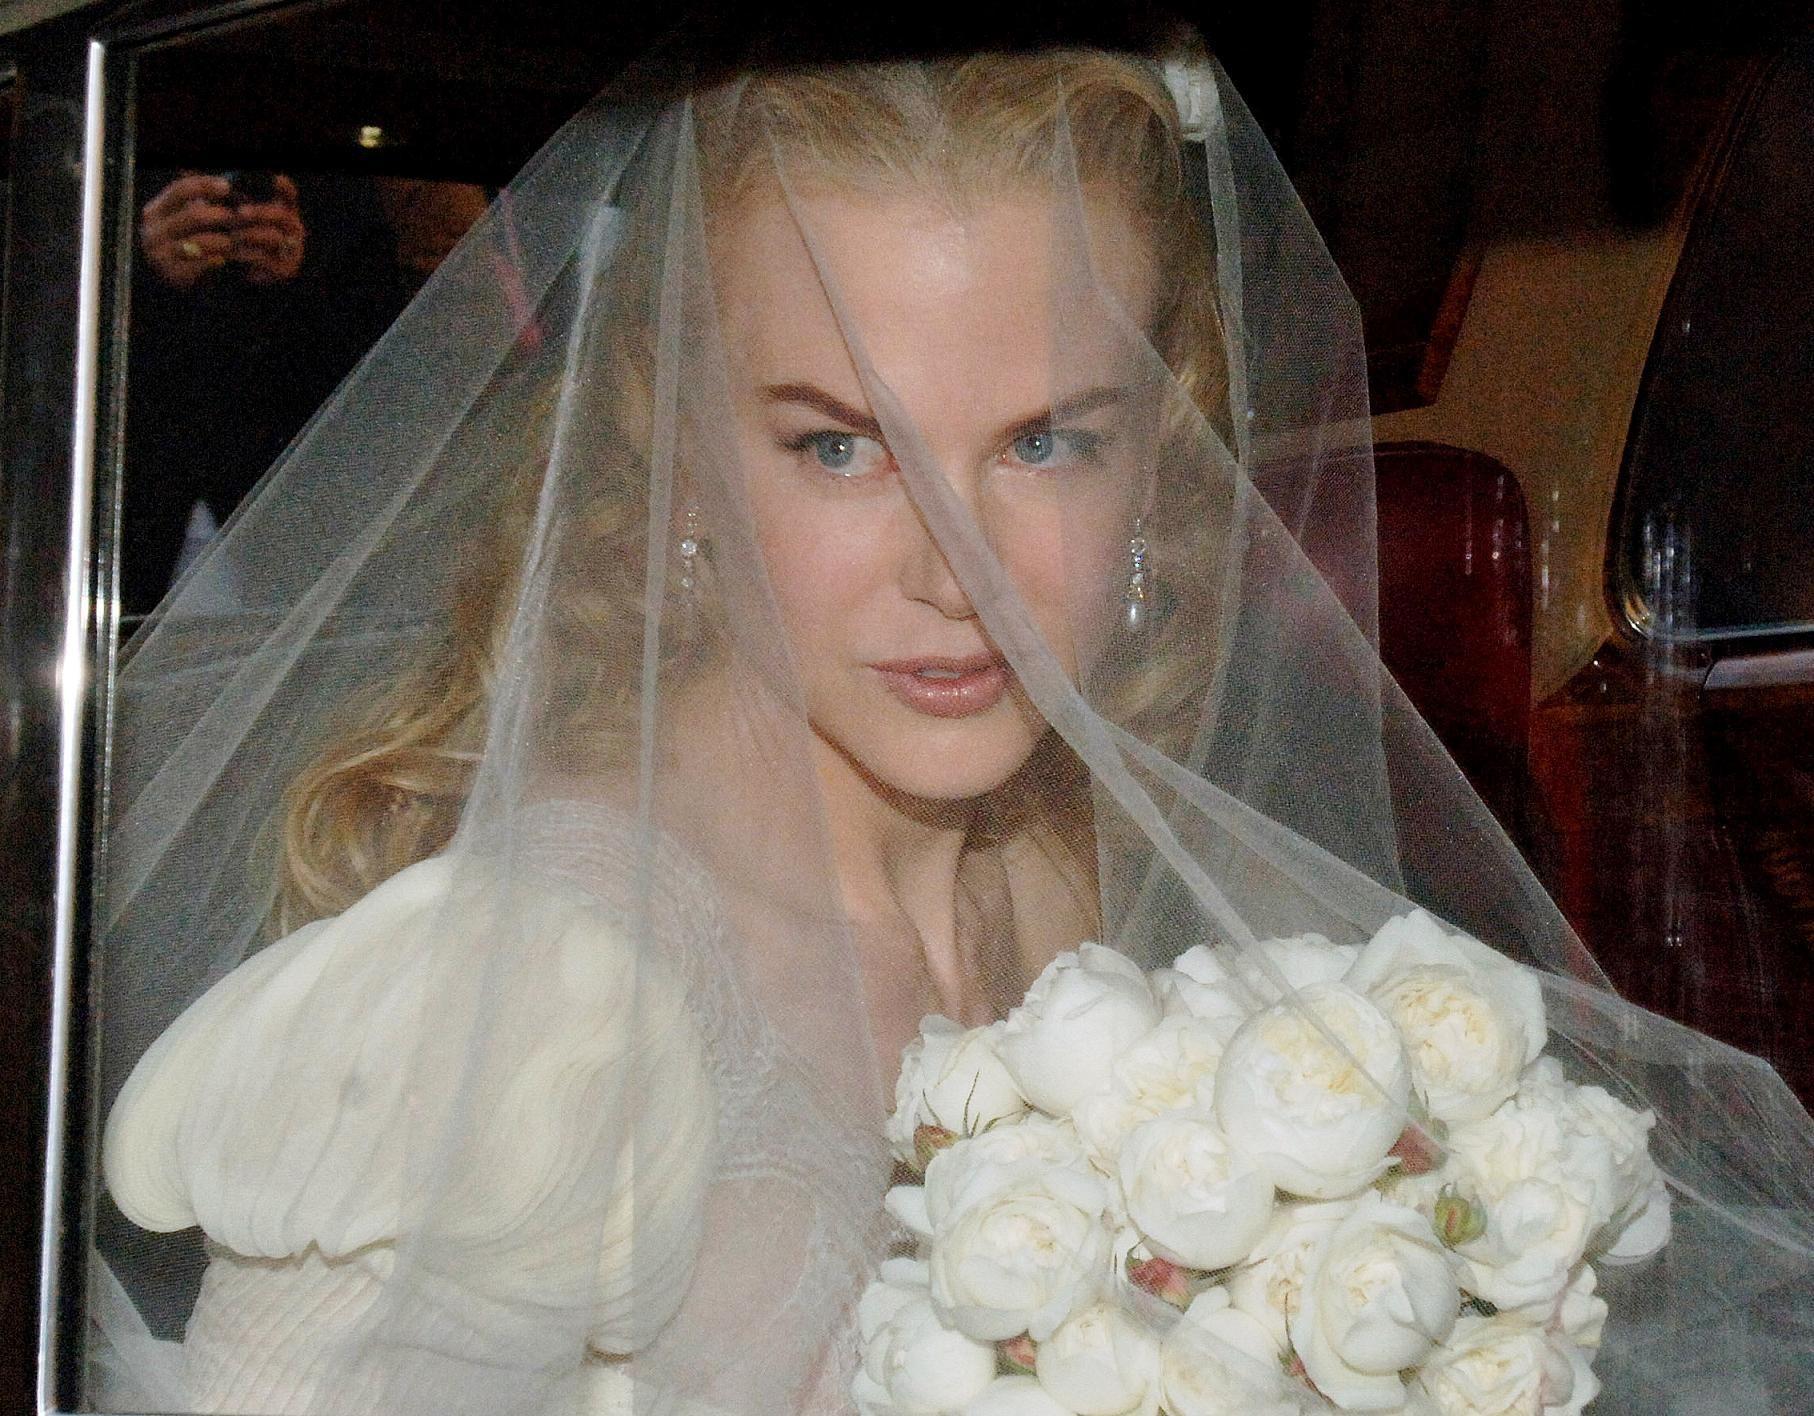 Nicole Kidman On Her Wedding Day Nicole Kidman Nicole Kidman